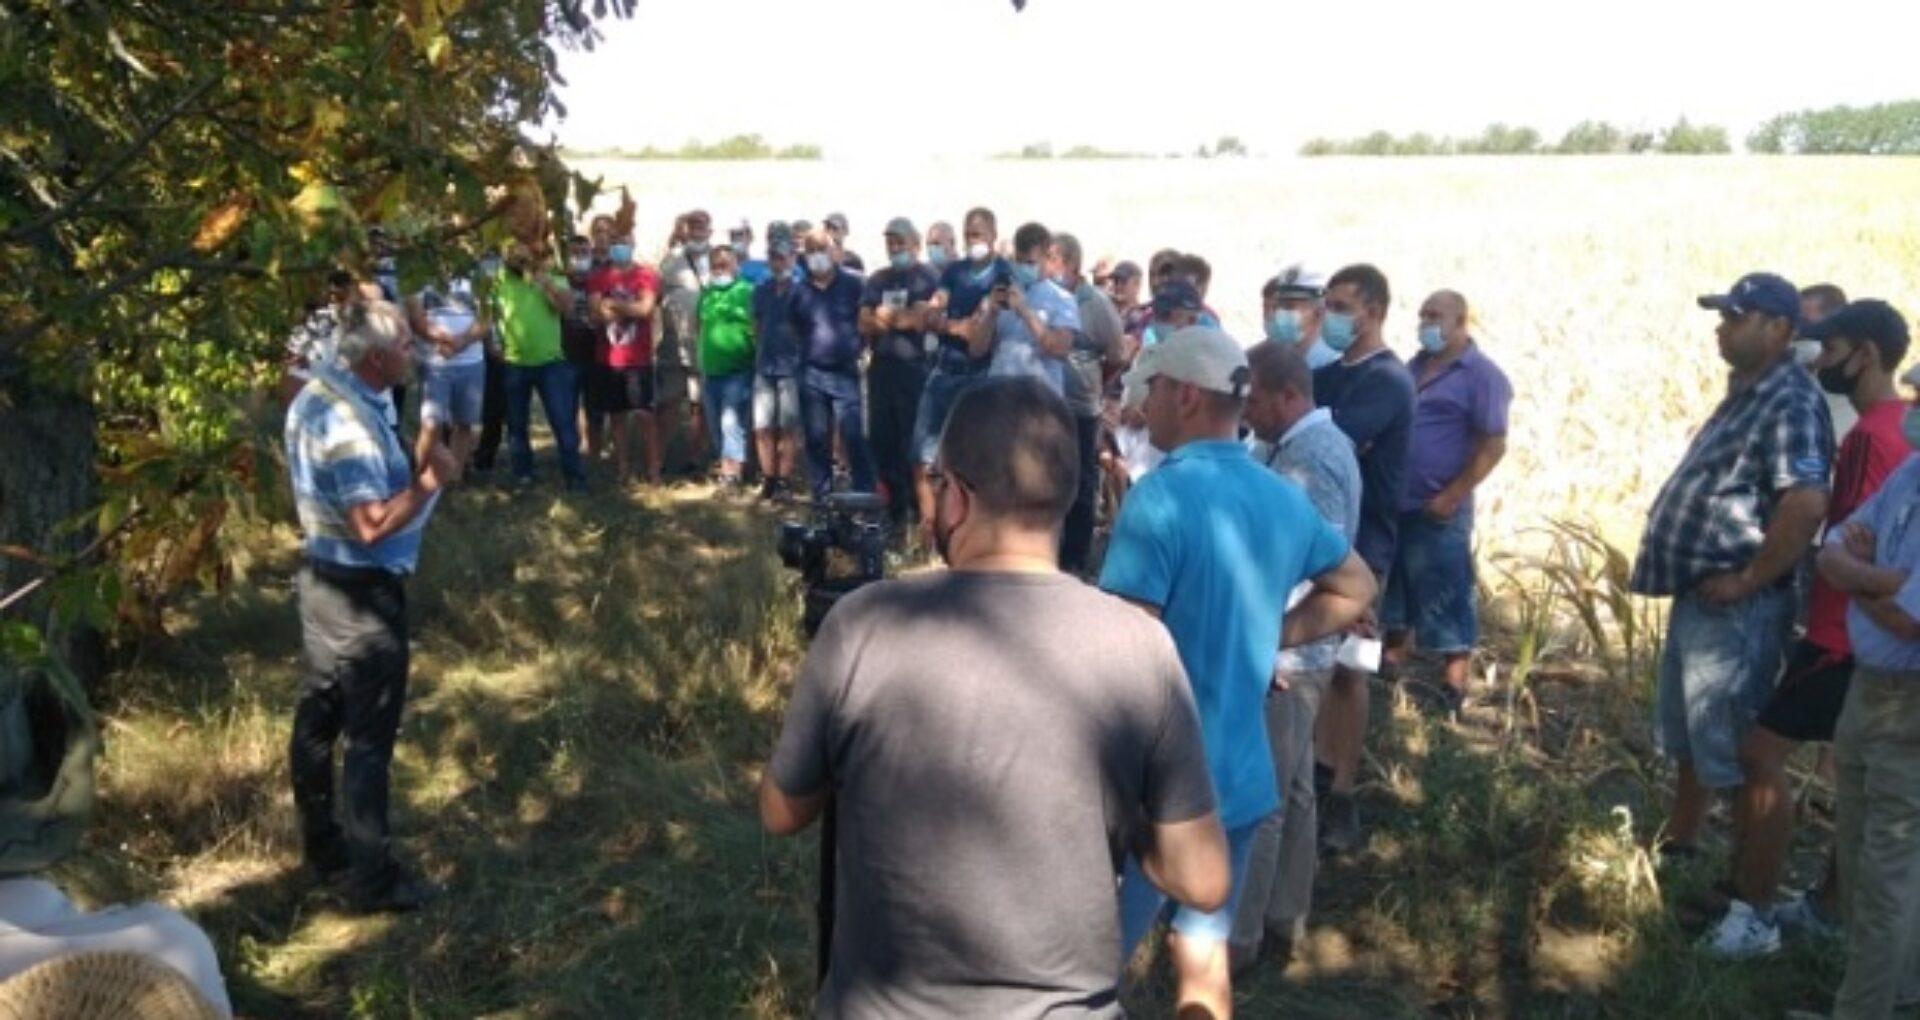 Galerie foto/ Protestele agricultorilor în mai multe raioane din R. Moldova: Oamenii sunt gata să blocheze șoseaua și să protesteze săptămâni în șir